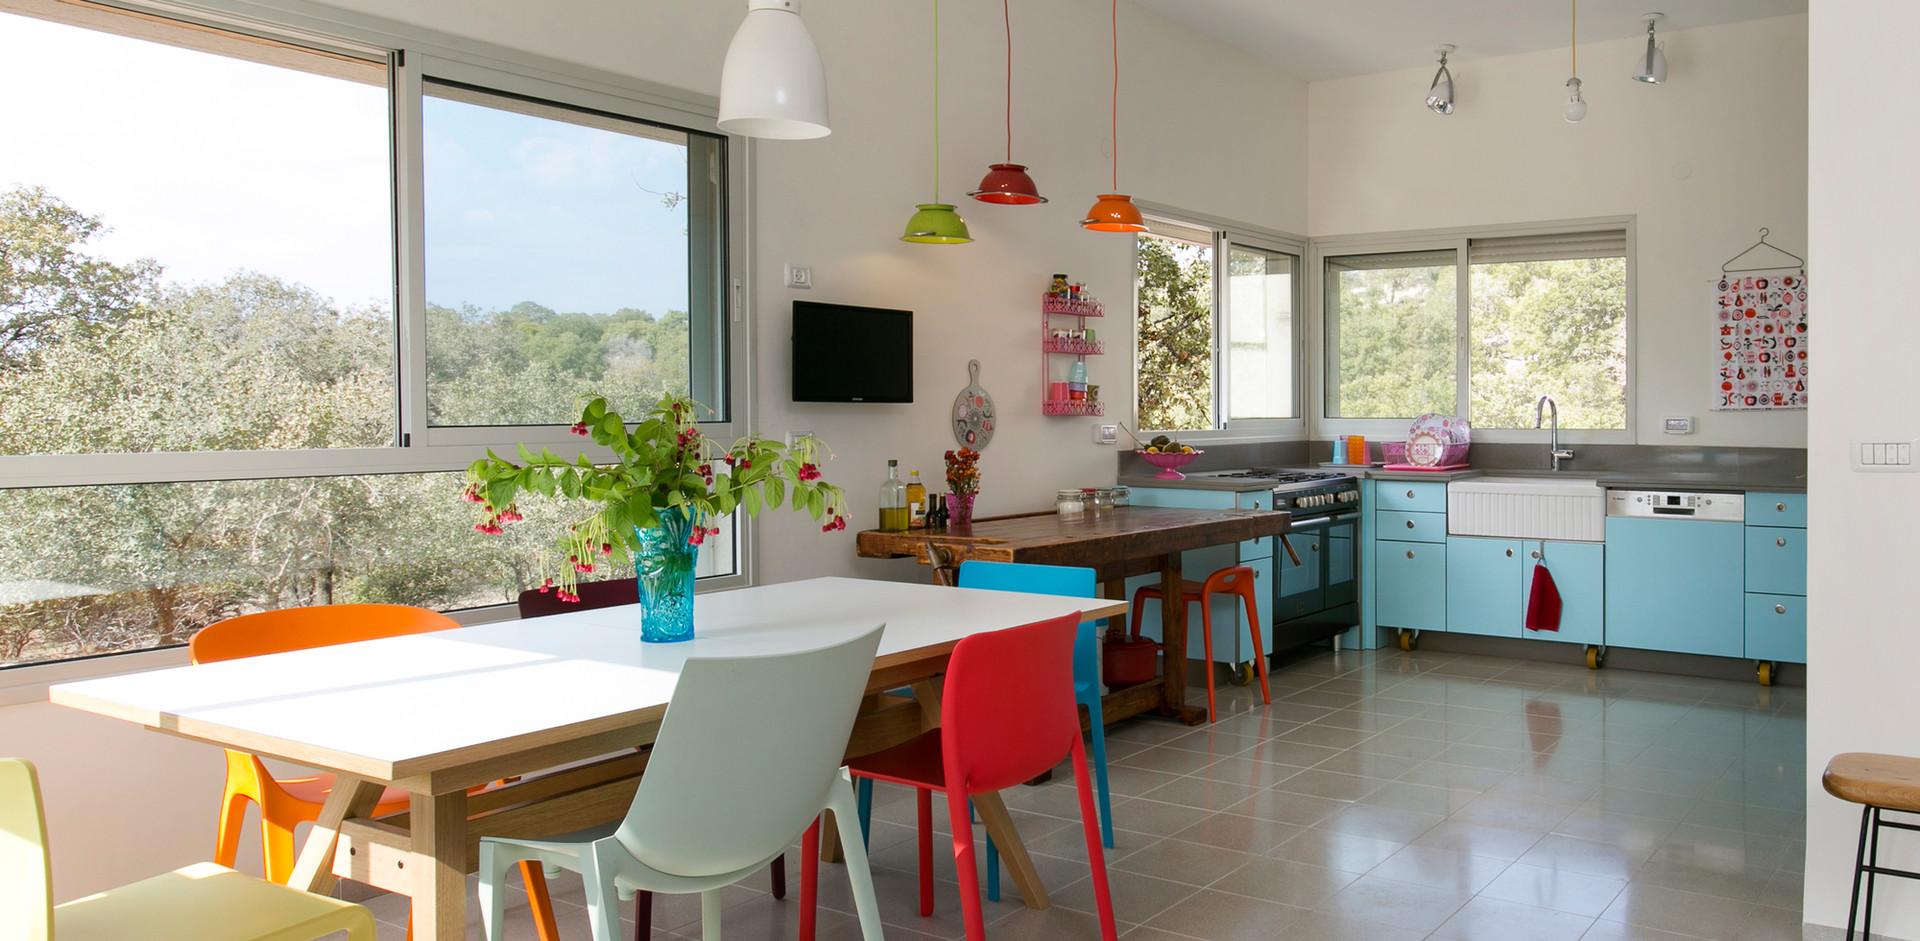 זוהי פינת האוכל ומטבח הבית. צבעוניות מדודה ומדוייקת נבחרה לחייך את החלל